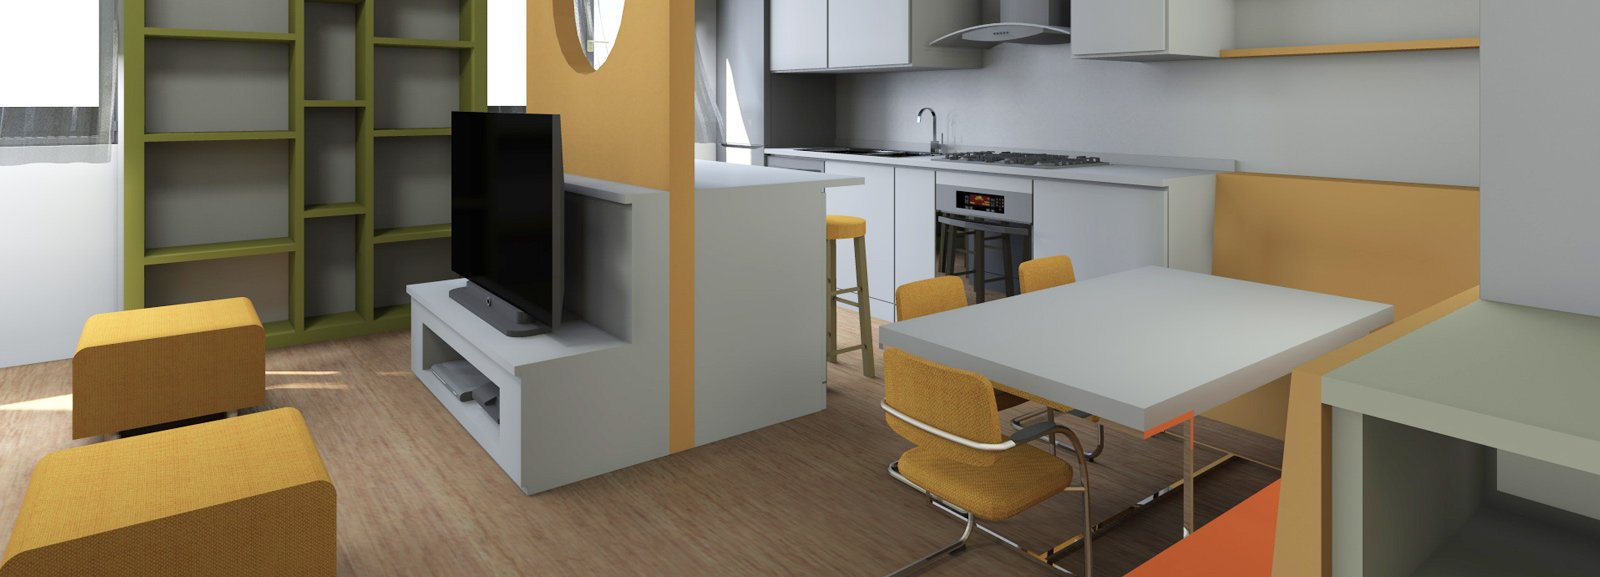 Soggiorno con cucina a vista pianta e prospetto in 3d for Arredare 3d